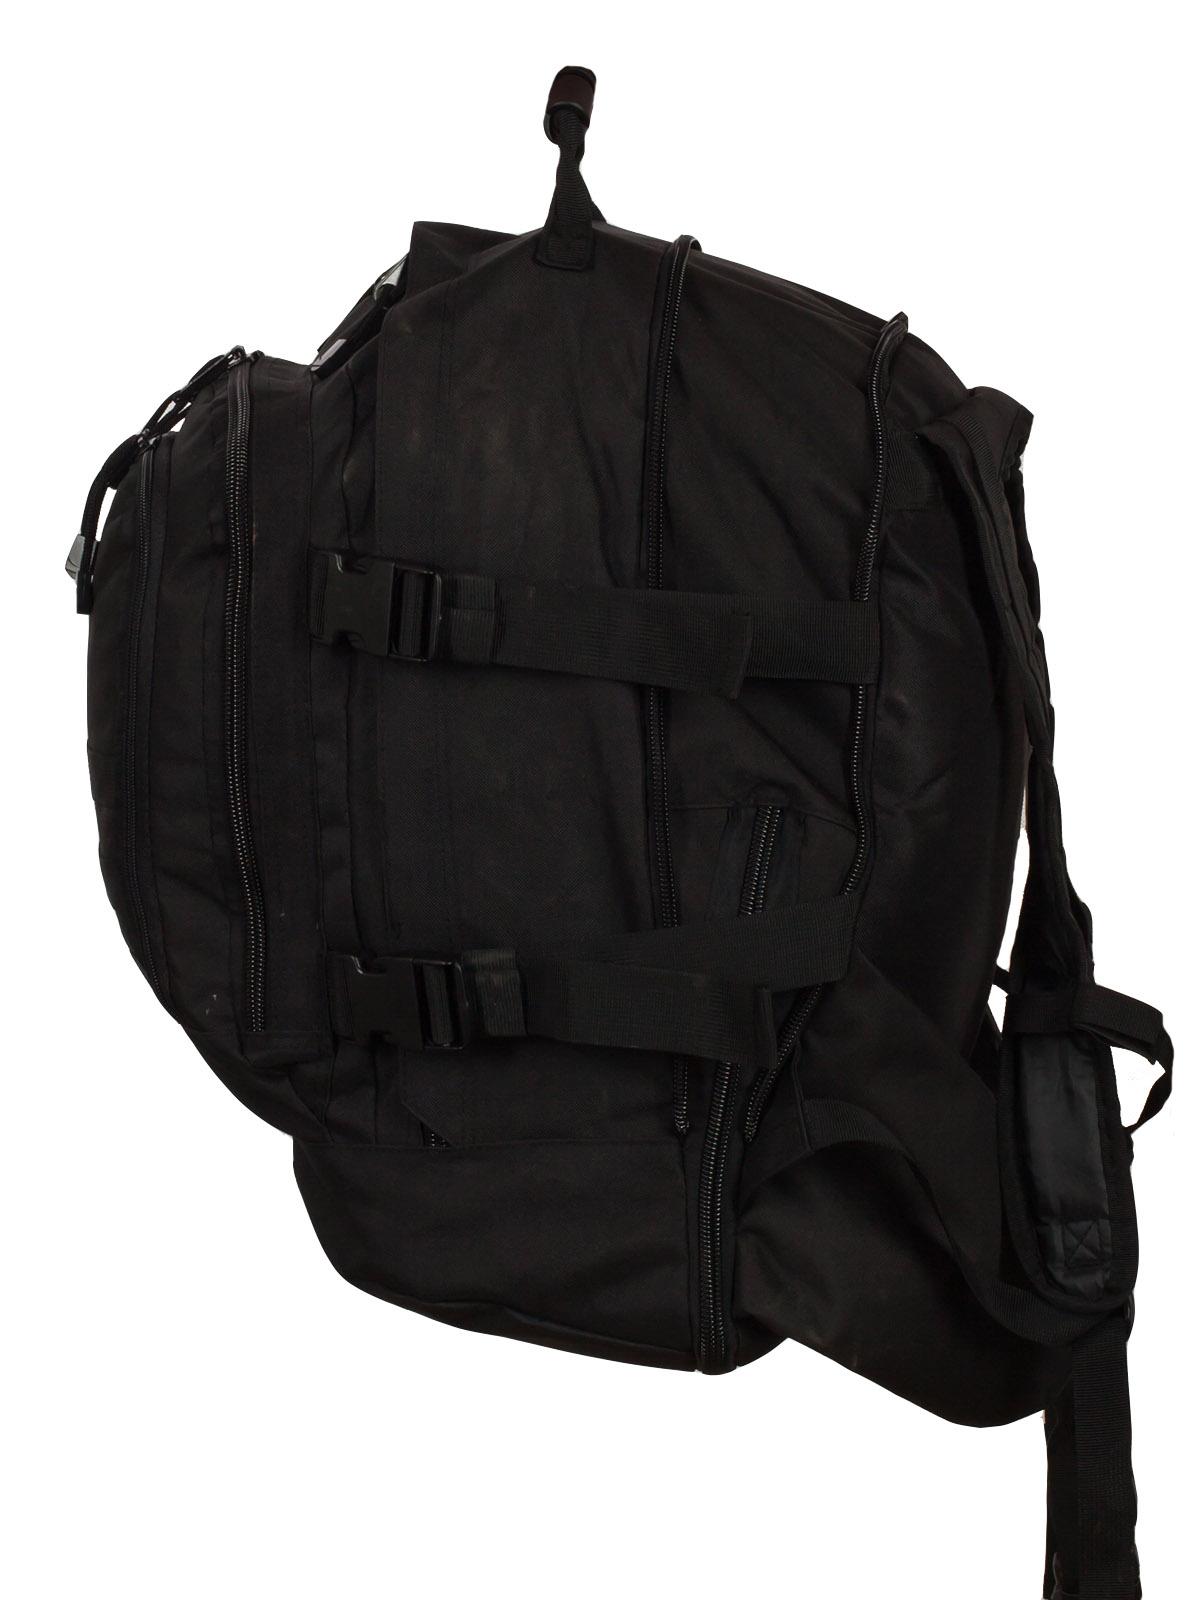 Городской черный рюкзак с нашивкой ДПС - заказать онлайн